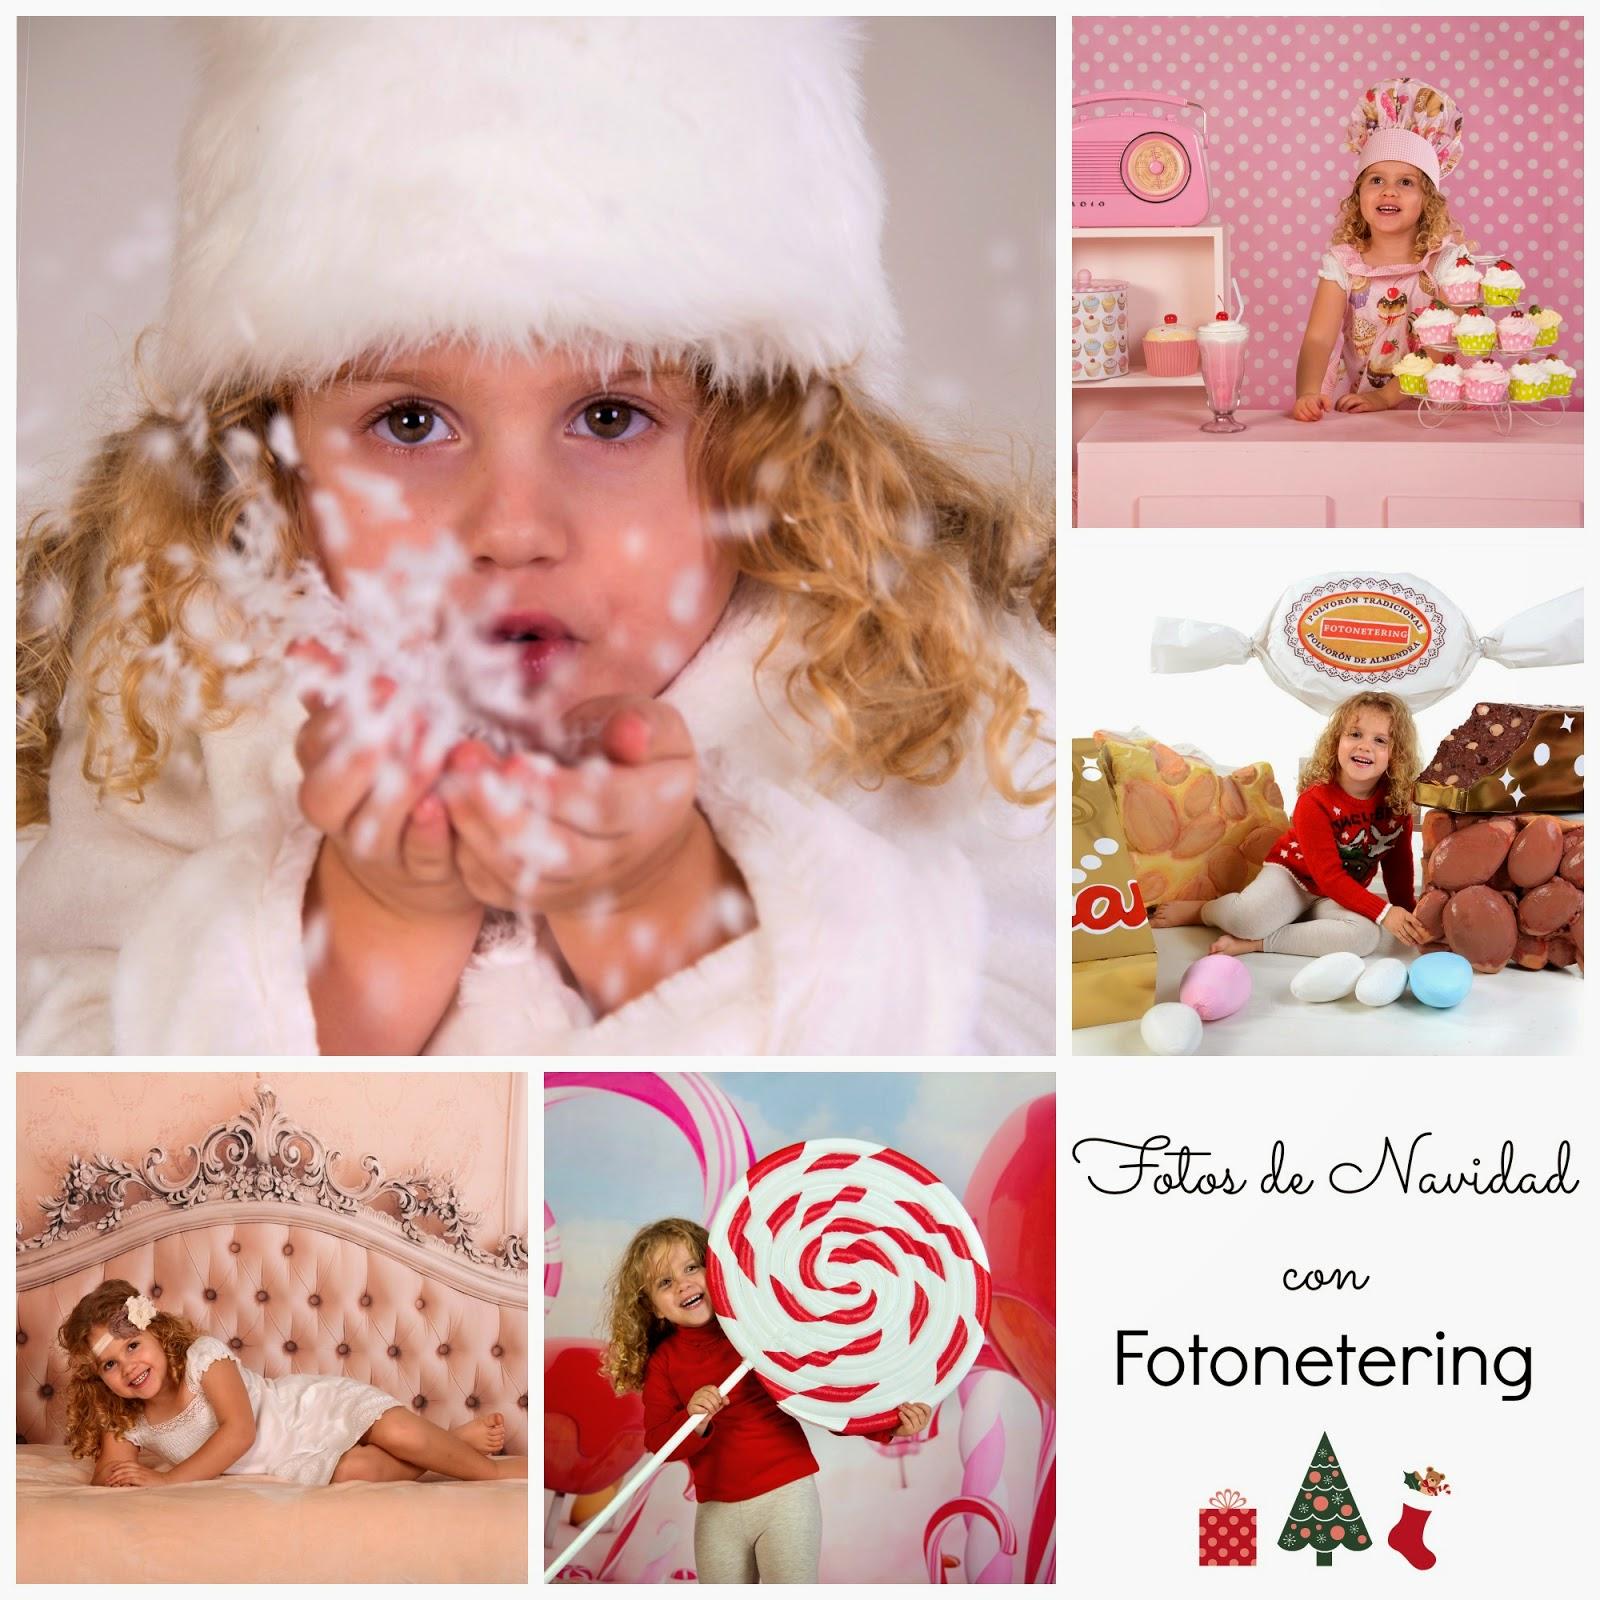 Fotonetering sesion fotografia infantil navidad 2014 blog mama de noa